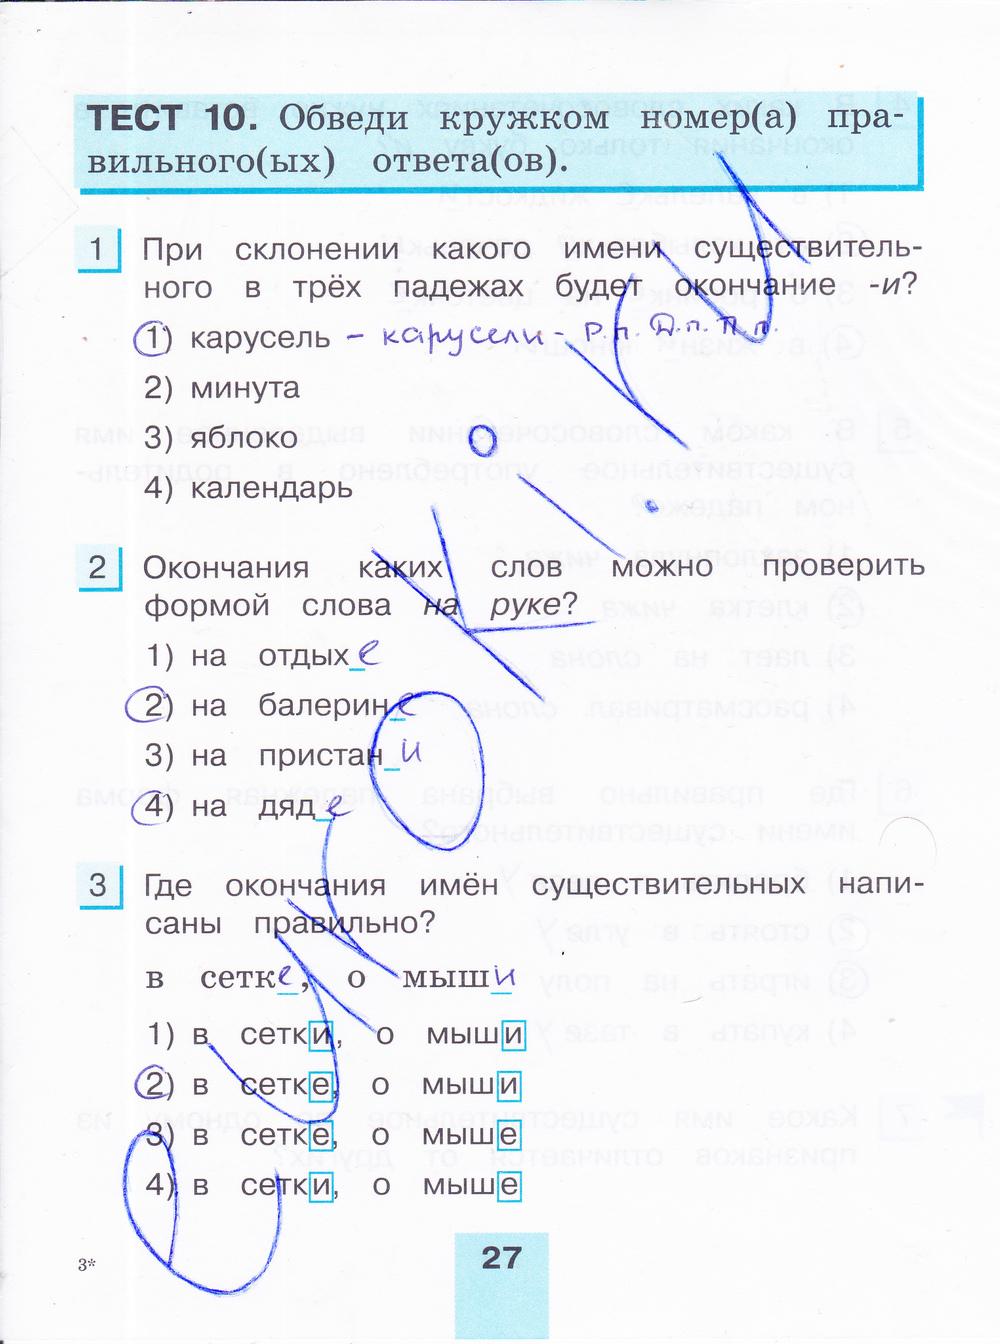 2 гдз корешкова тестовым часть класс русскому по 4 по заданиям языку